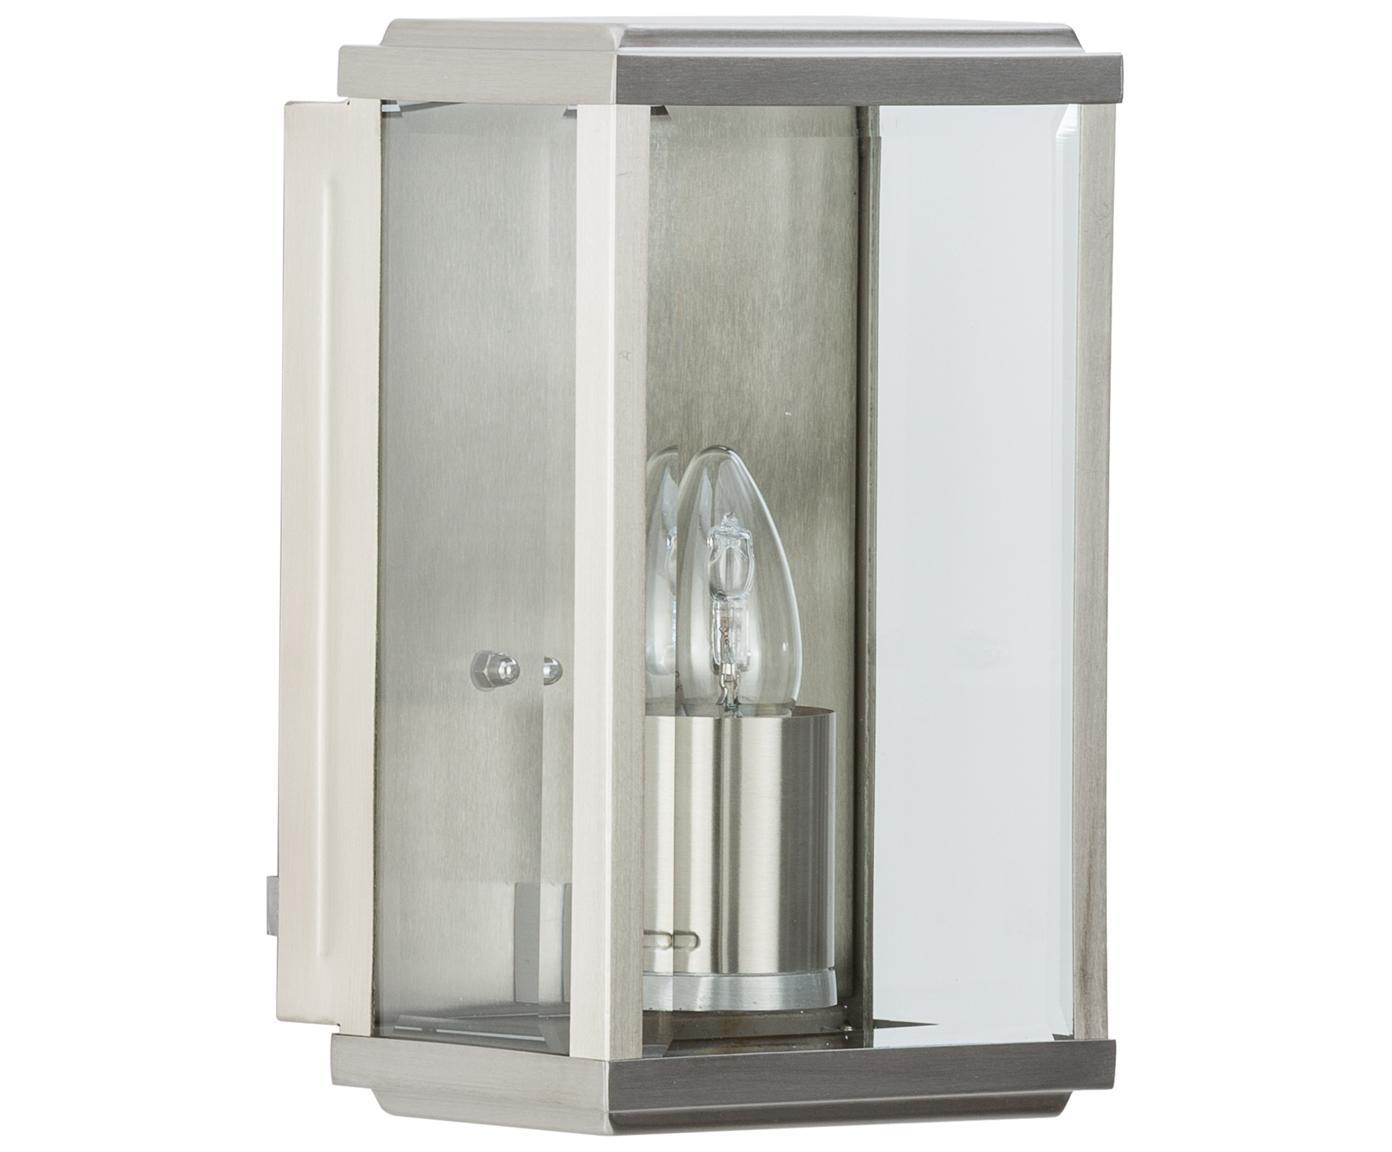 Außenwandleuchte Wally im Industrial-Style, Edelstahl, poliert mit Glas-Einsatz, Edelstahl , 16 x 25 cm